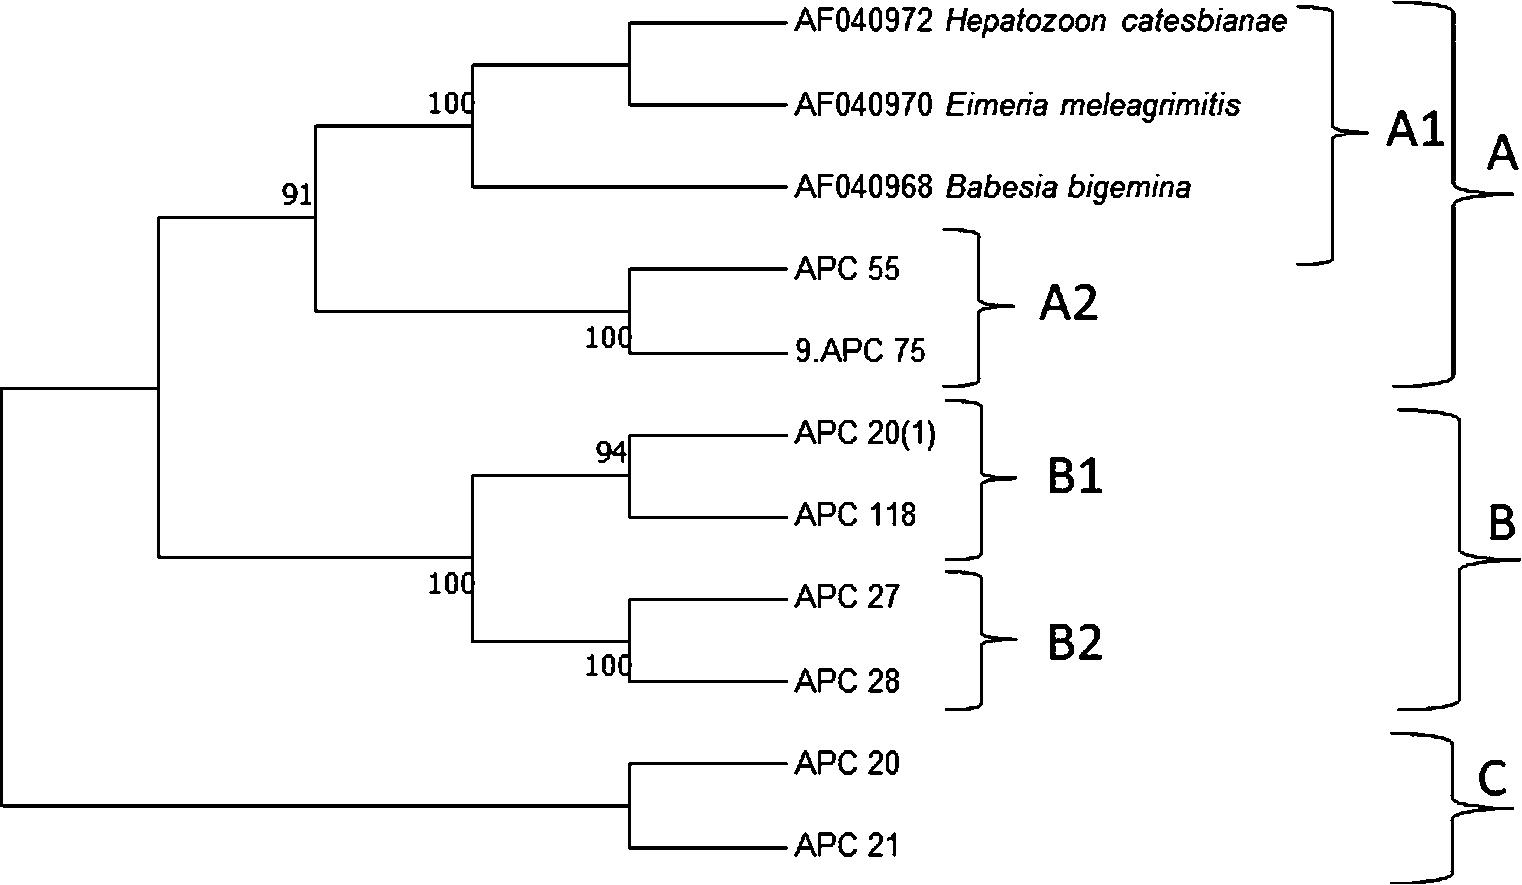 Molecular and morphological characterization of Hepatozoon